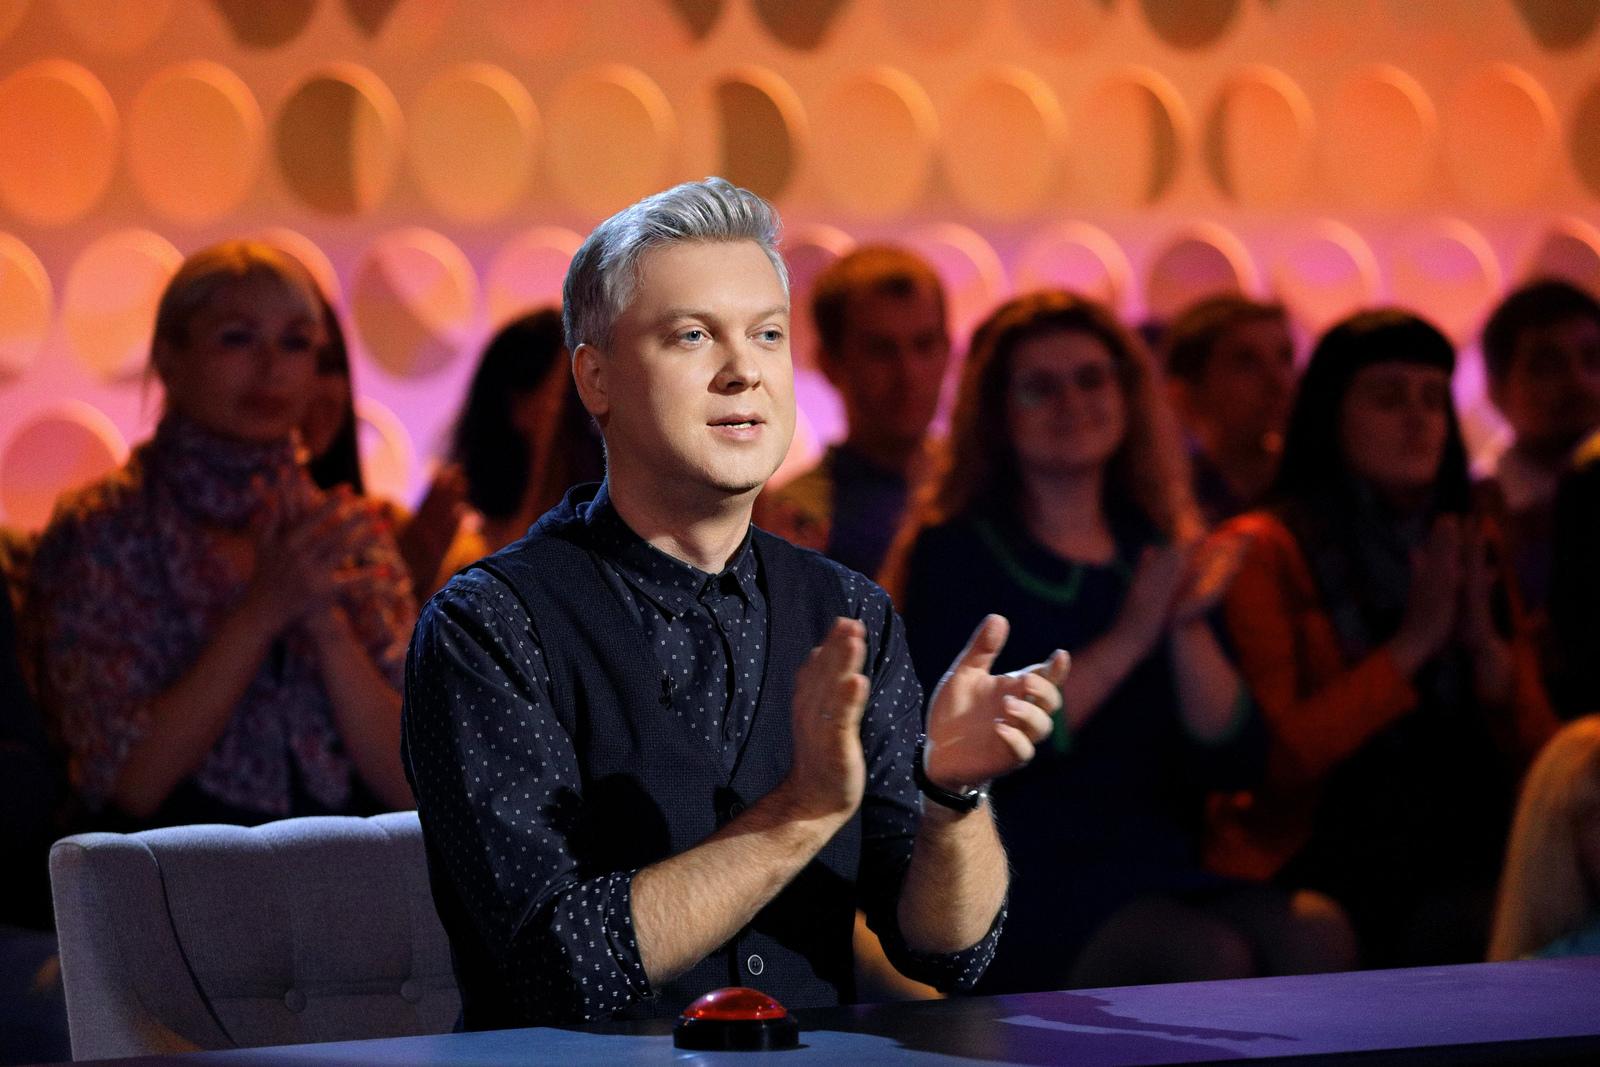 На канале СТС, как отметил шоумен, его ждали совсем другие условия и была предоставлена возможность стать лицом канала